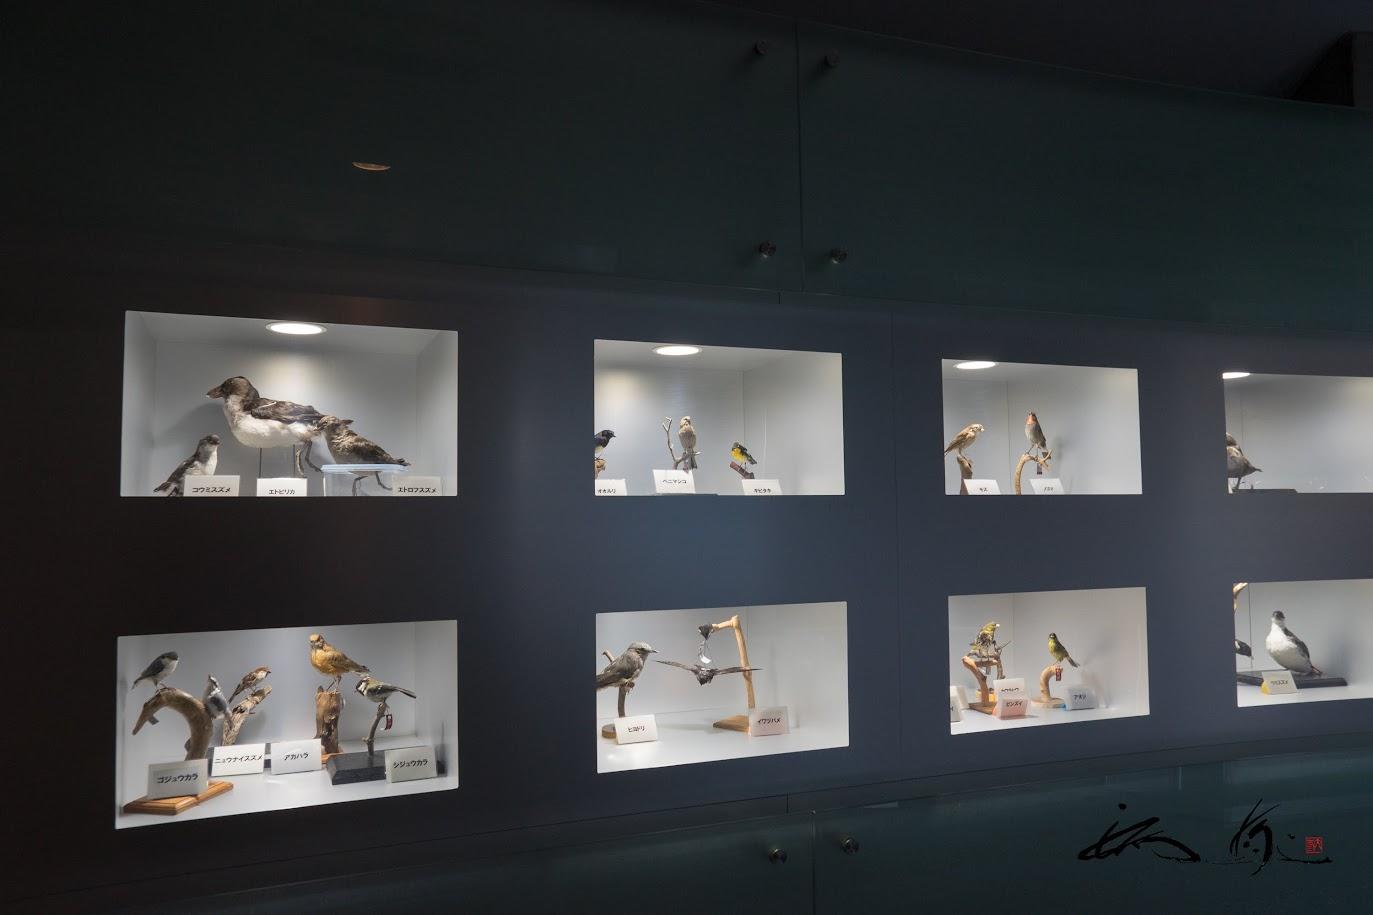 鳥の剥製展示